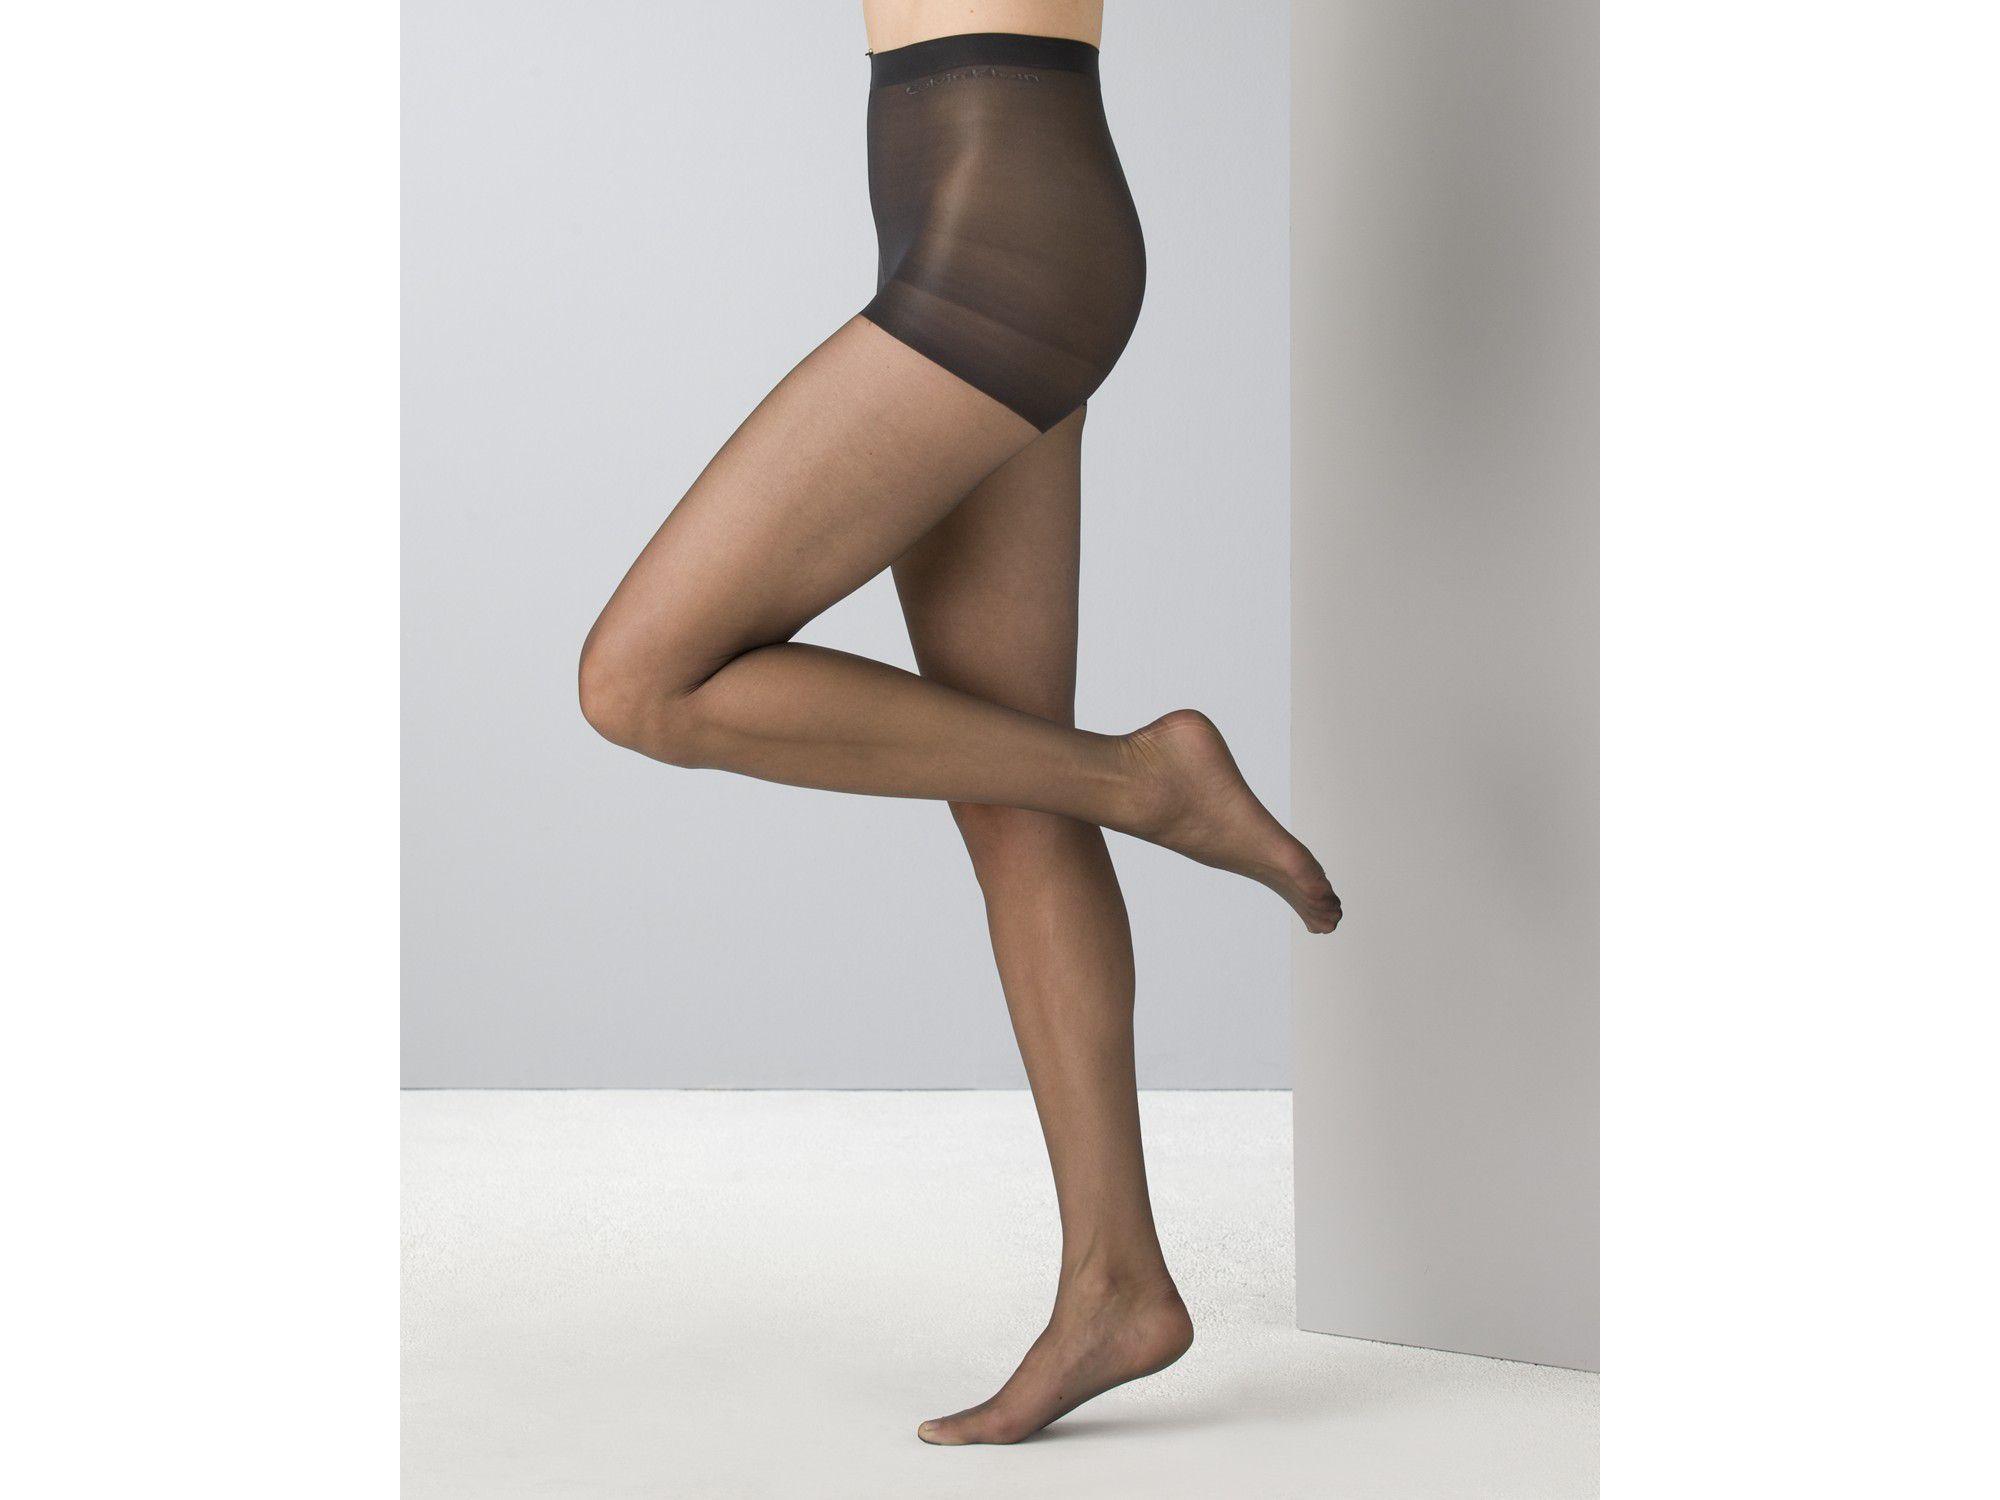 c9b1435115200 Calvin Klein Hosiery Infinite Sheer Control Top 705n in Black - Lyst